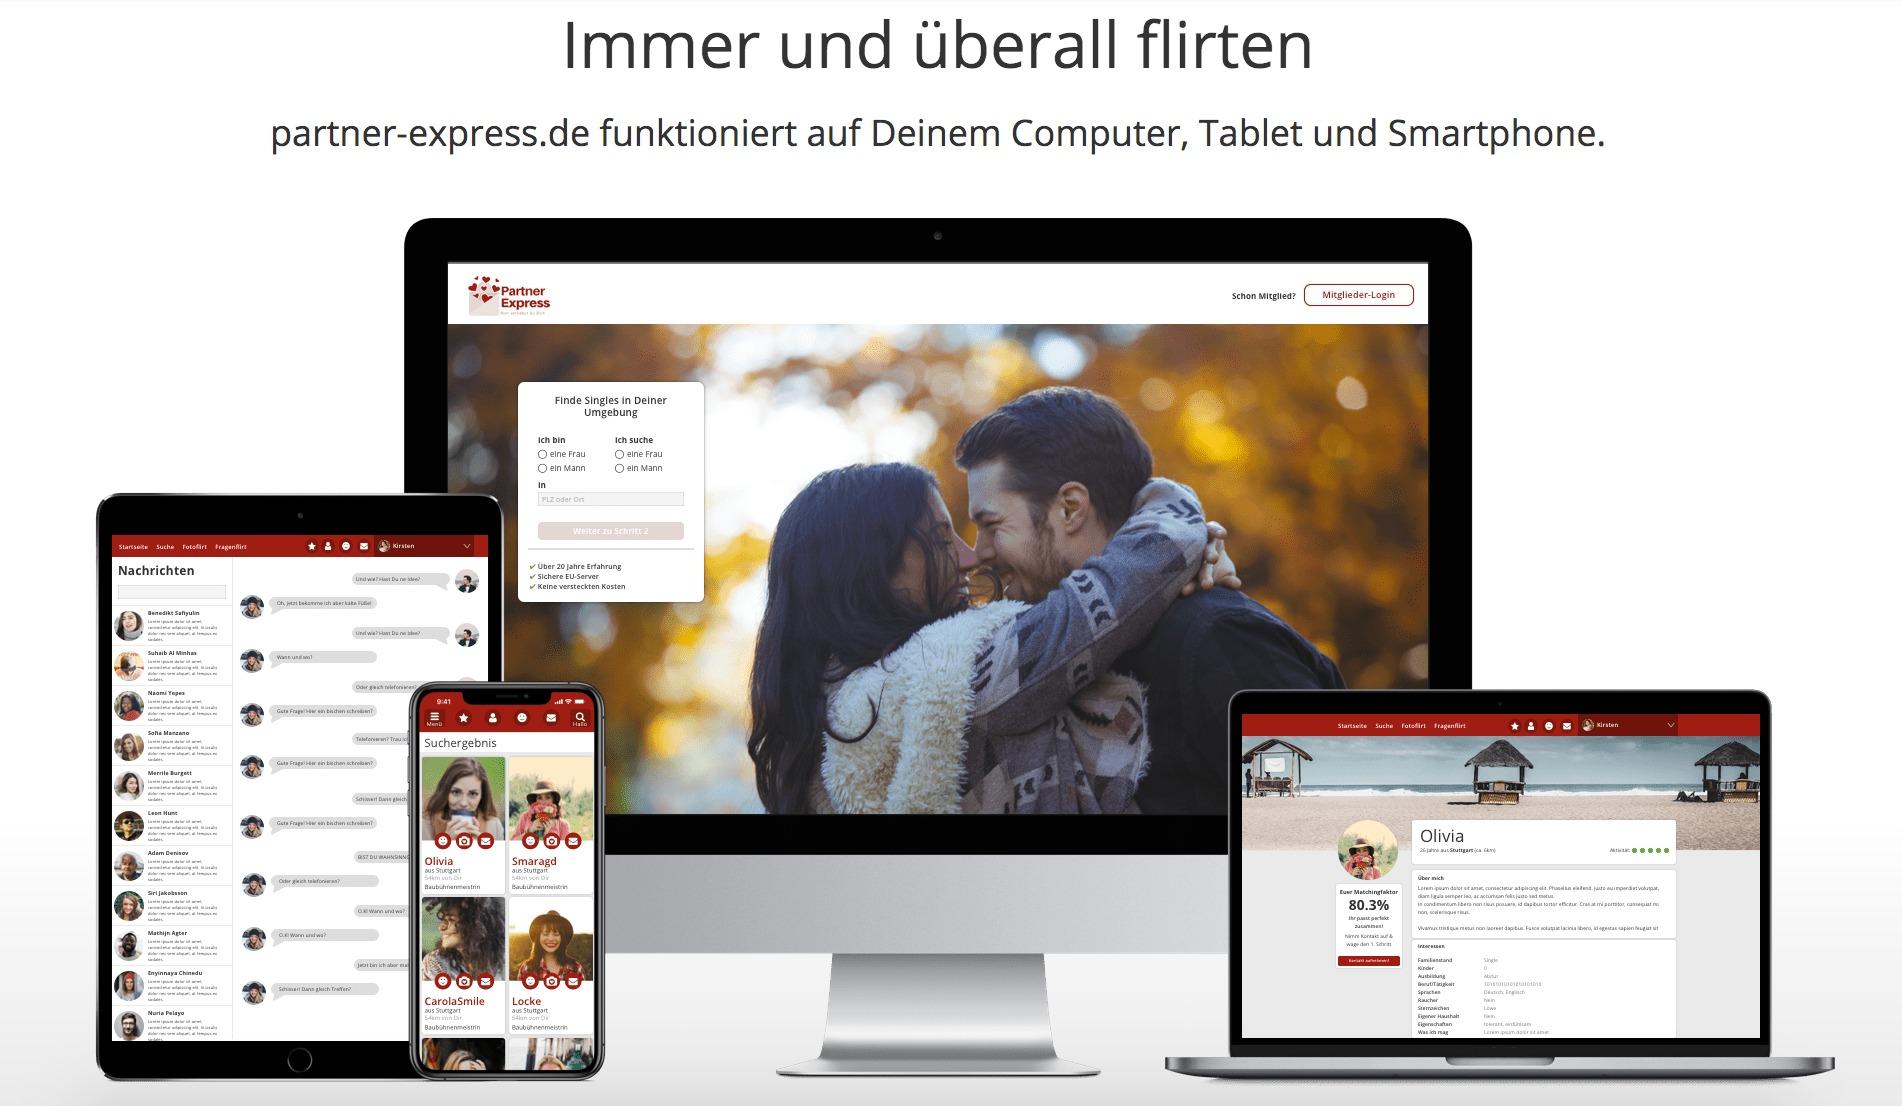 Kostenlose und Kostenfreie Partnerboerse zur Partnersuche als Alternative zu Badoo und Tinder